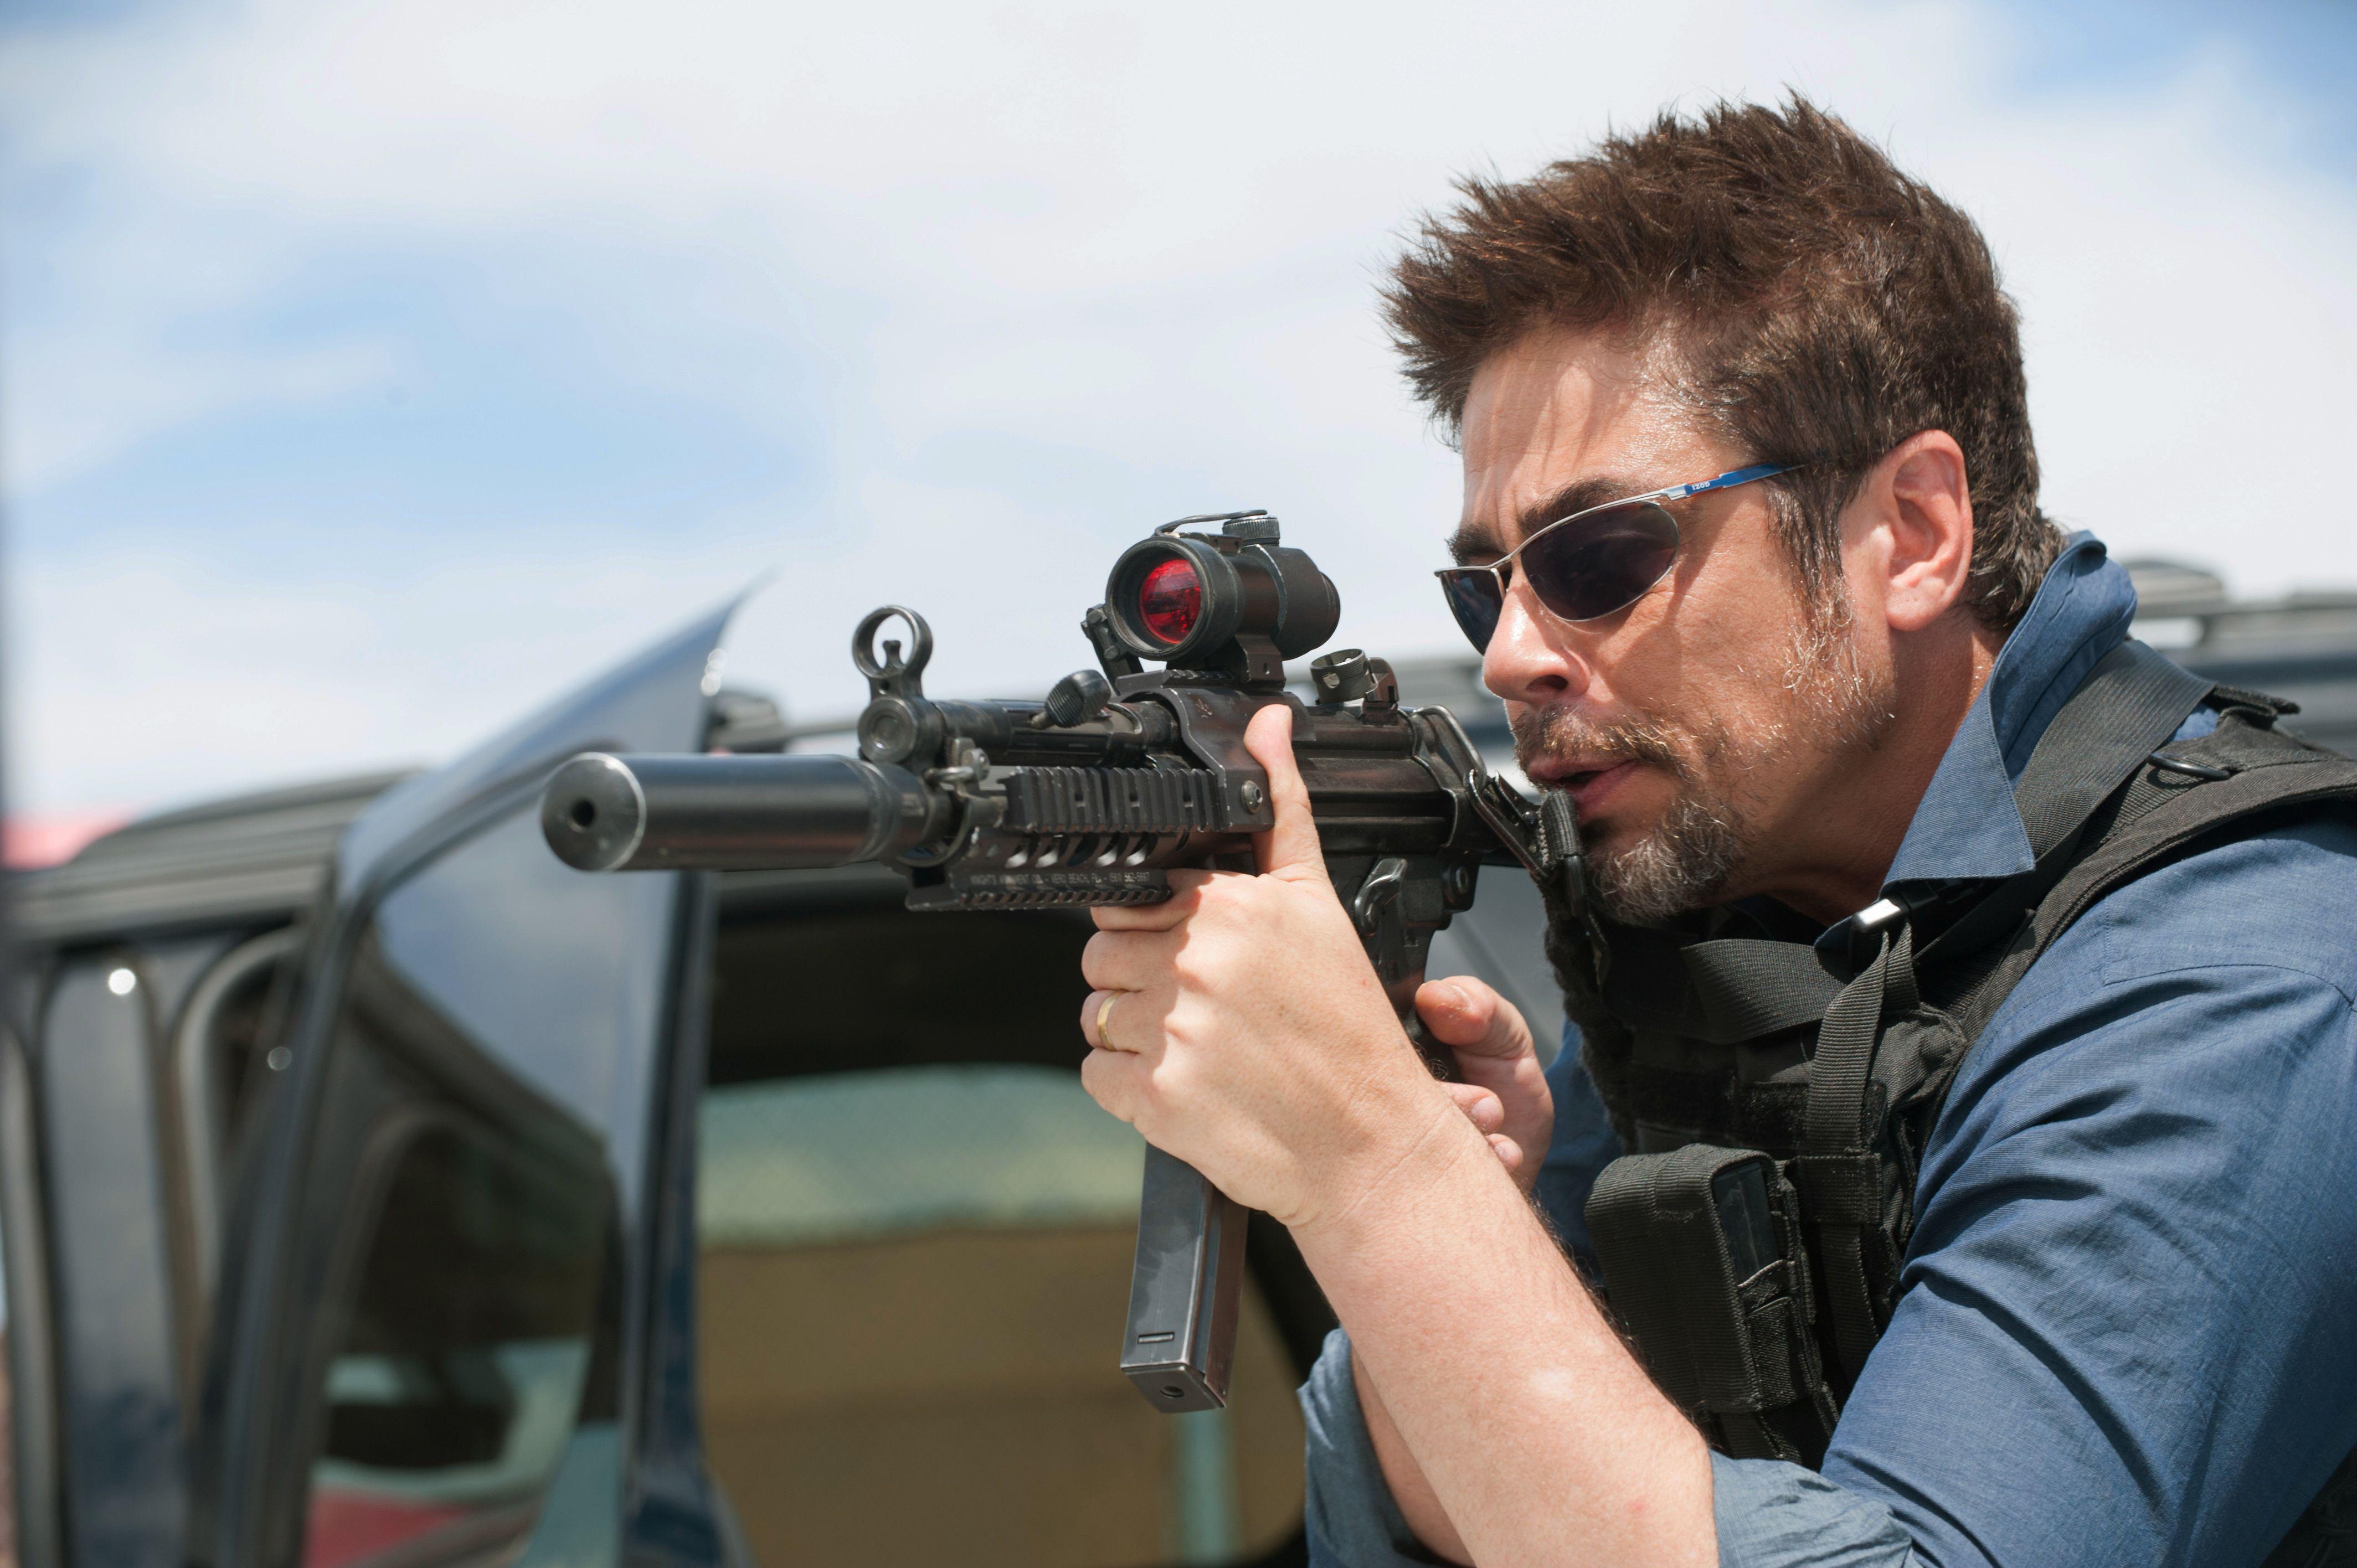 Implacable. Benicio del Toro personifica a un mercenario que busca venganza en el mundo del narcotráfico.